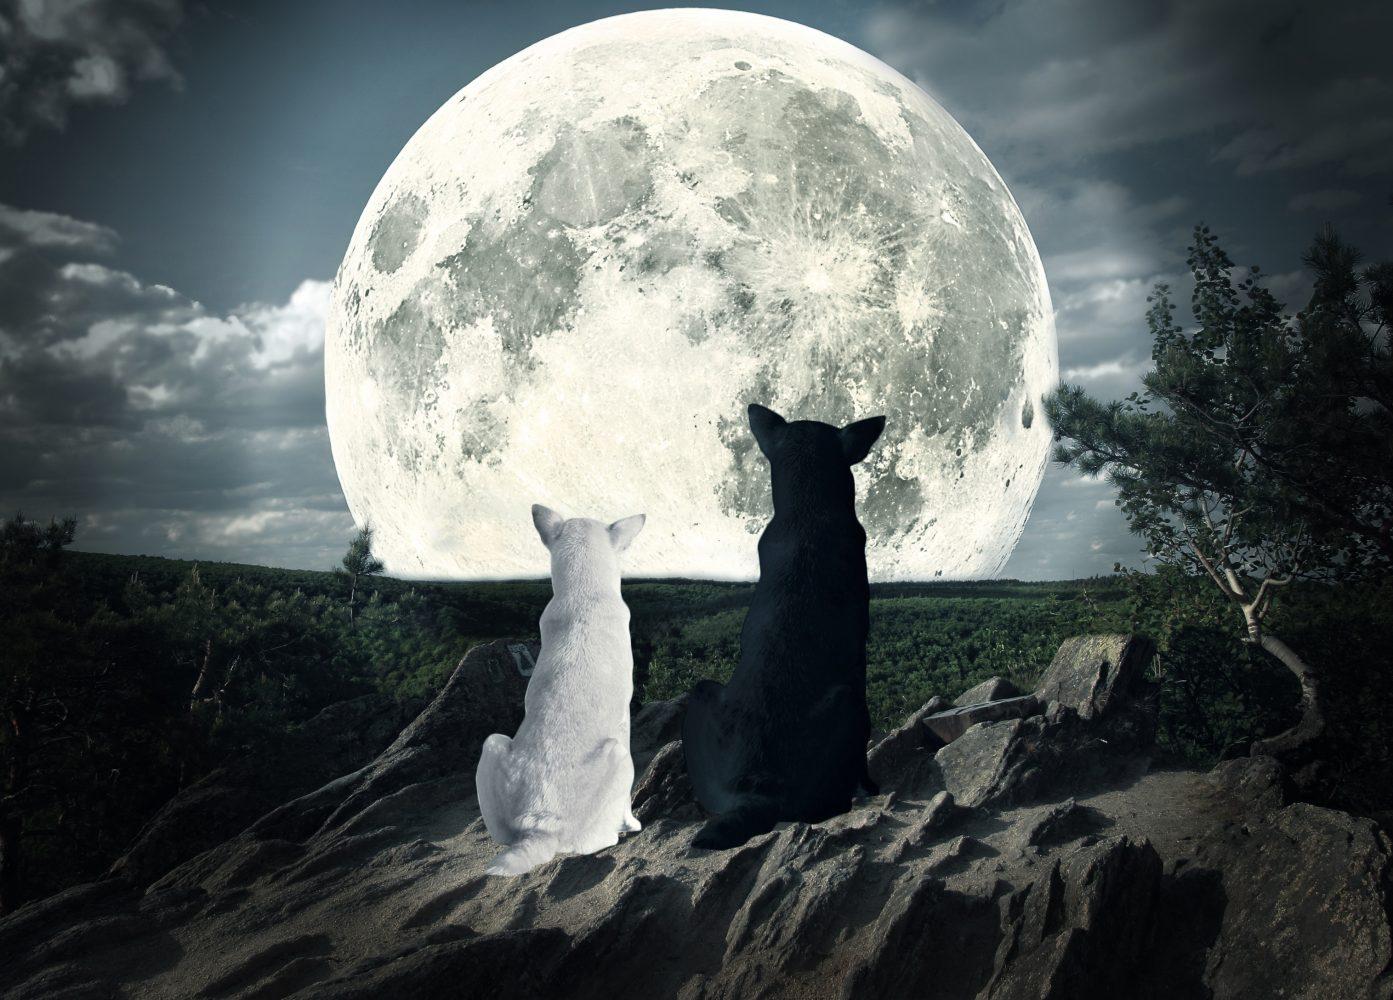 POEMAS SIDERALES ( Sol, Luna, Estrellas, Tierra, Naturaleza, Galaxias...) - Página 26 GettyImages-475129854-e1514897232671